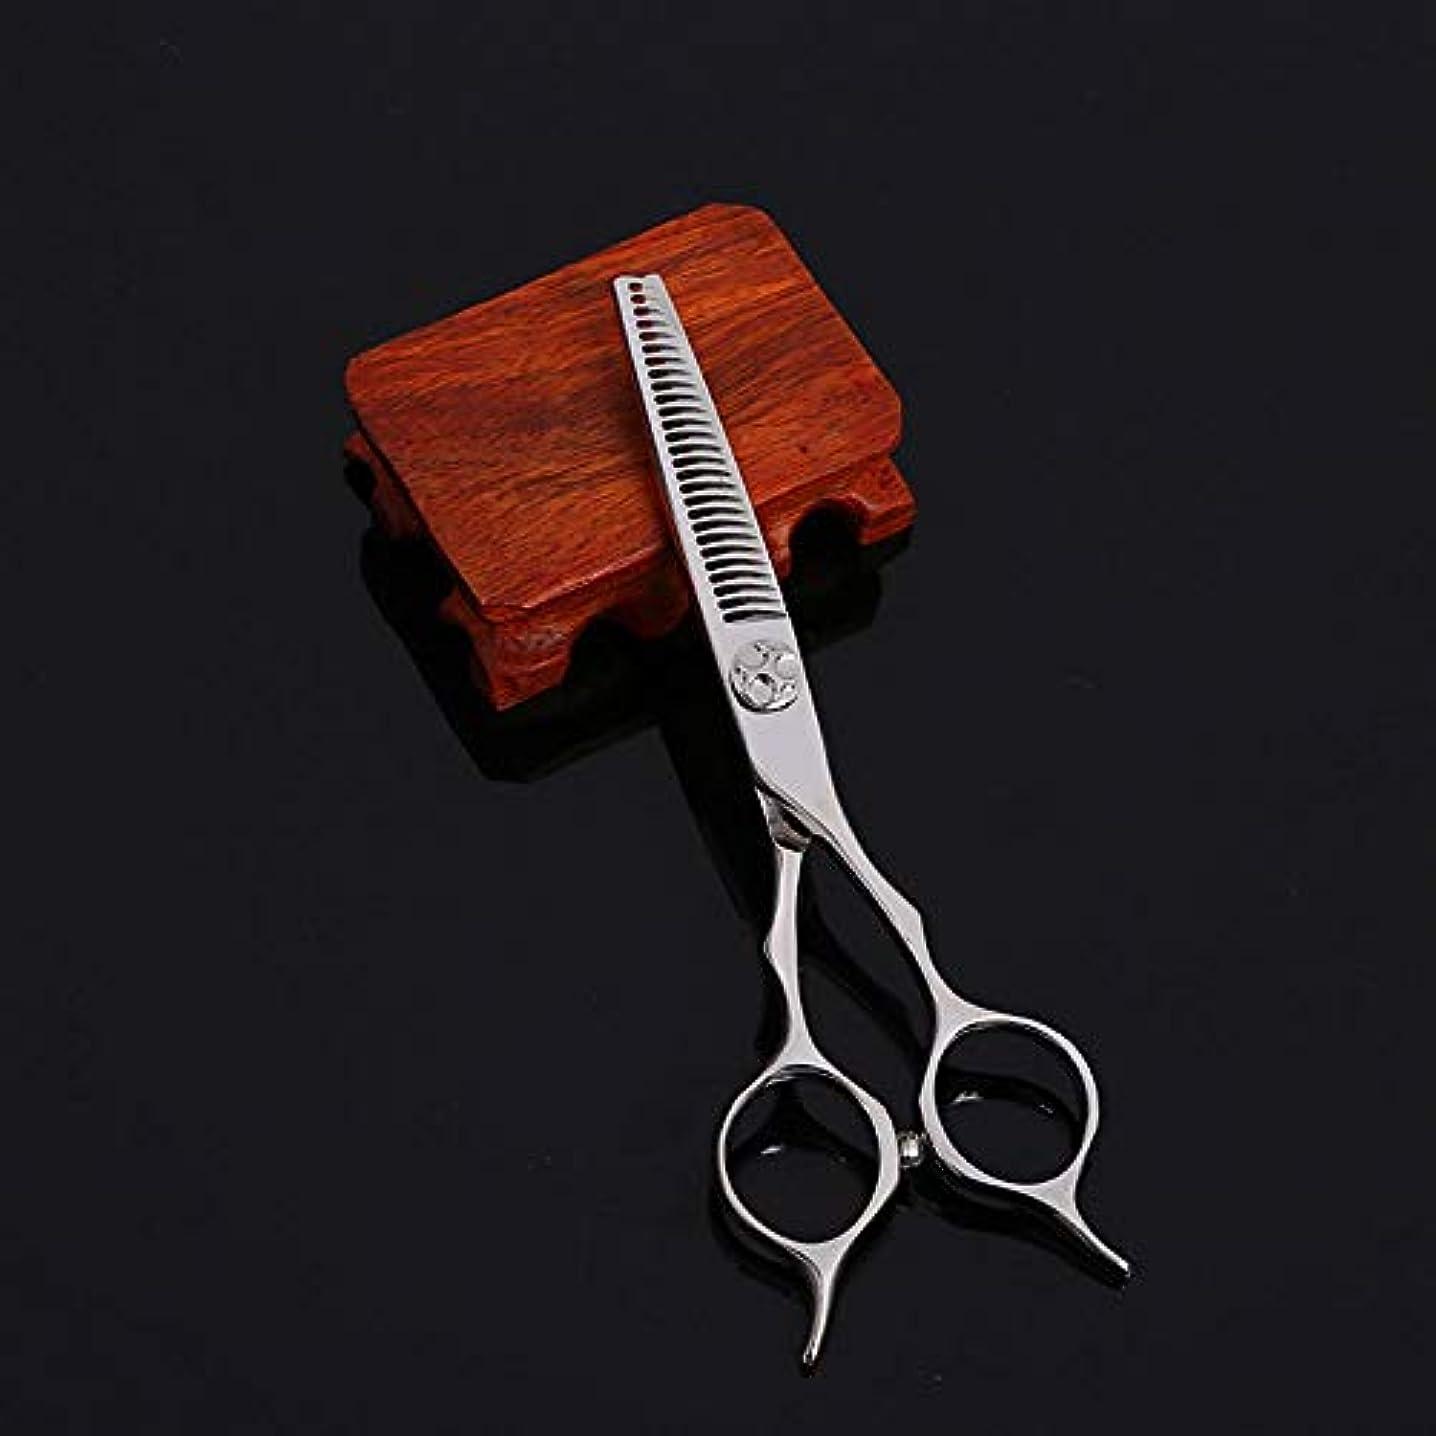 シットコムアサート亜熱帯WASAIO シアーズはさみセットヘアカット5.5インチカービング美容専門ステンレス鋼理容美容サロンテクスチャーレイザーエッジシザー髪 (色 : Silver)